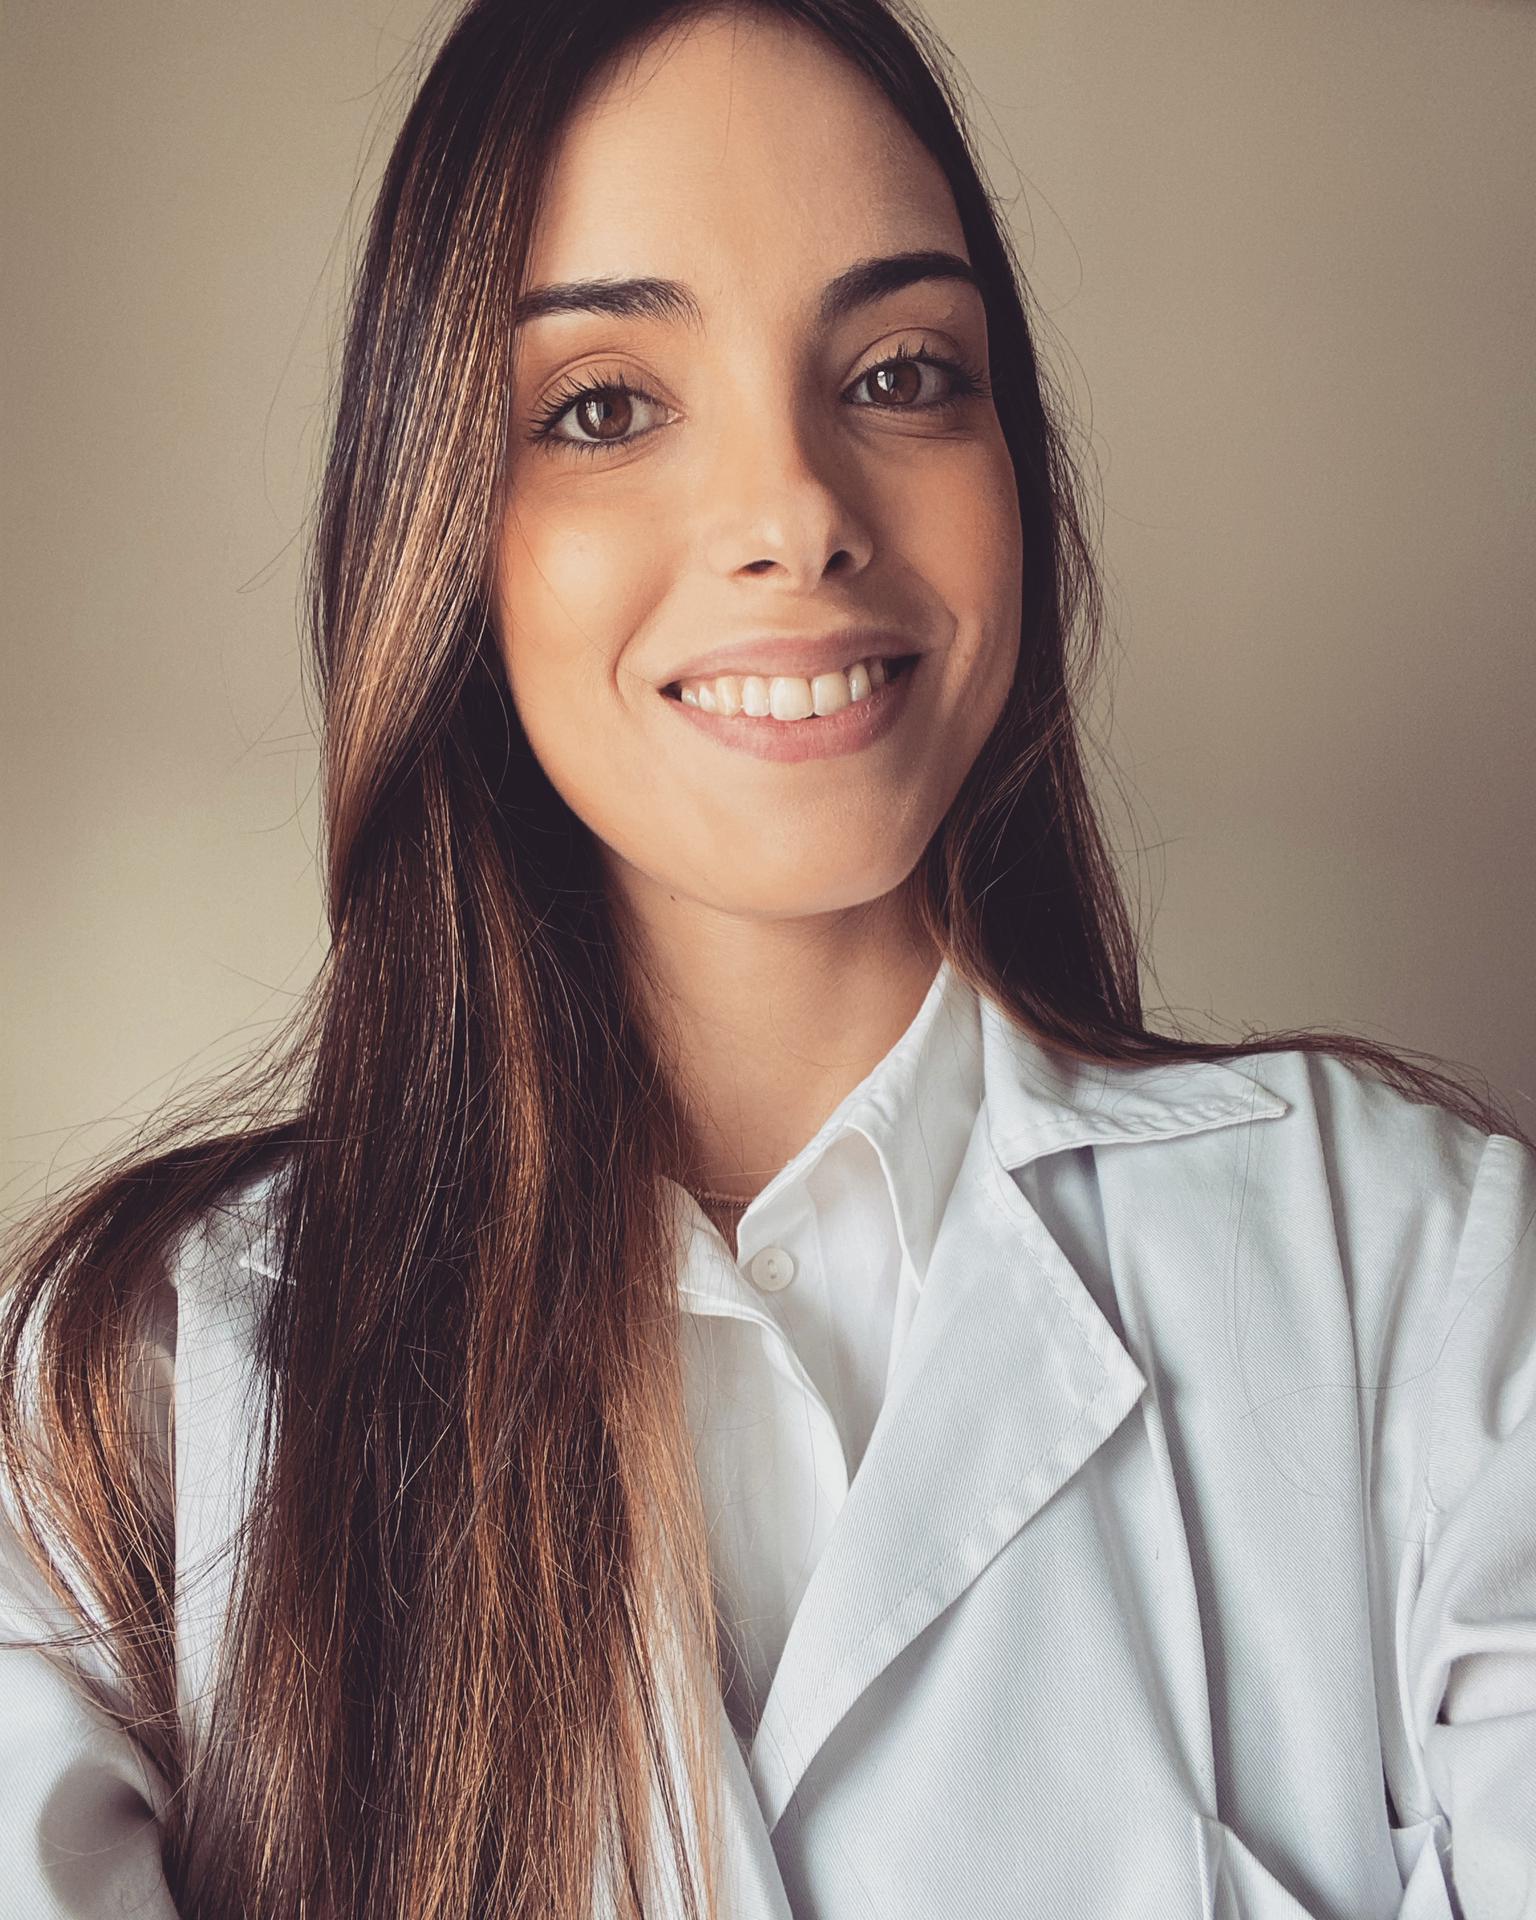 Dra. Sofia Pires